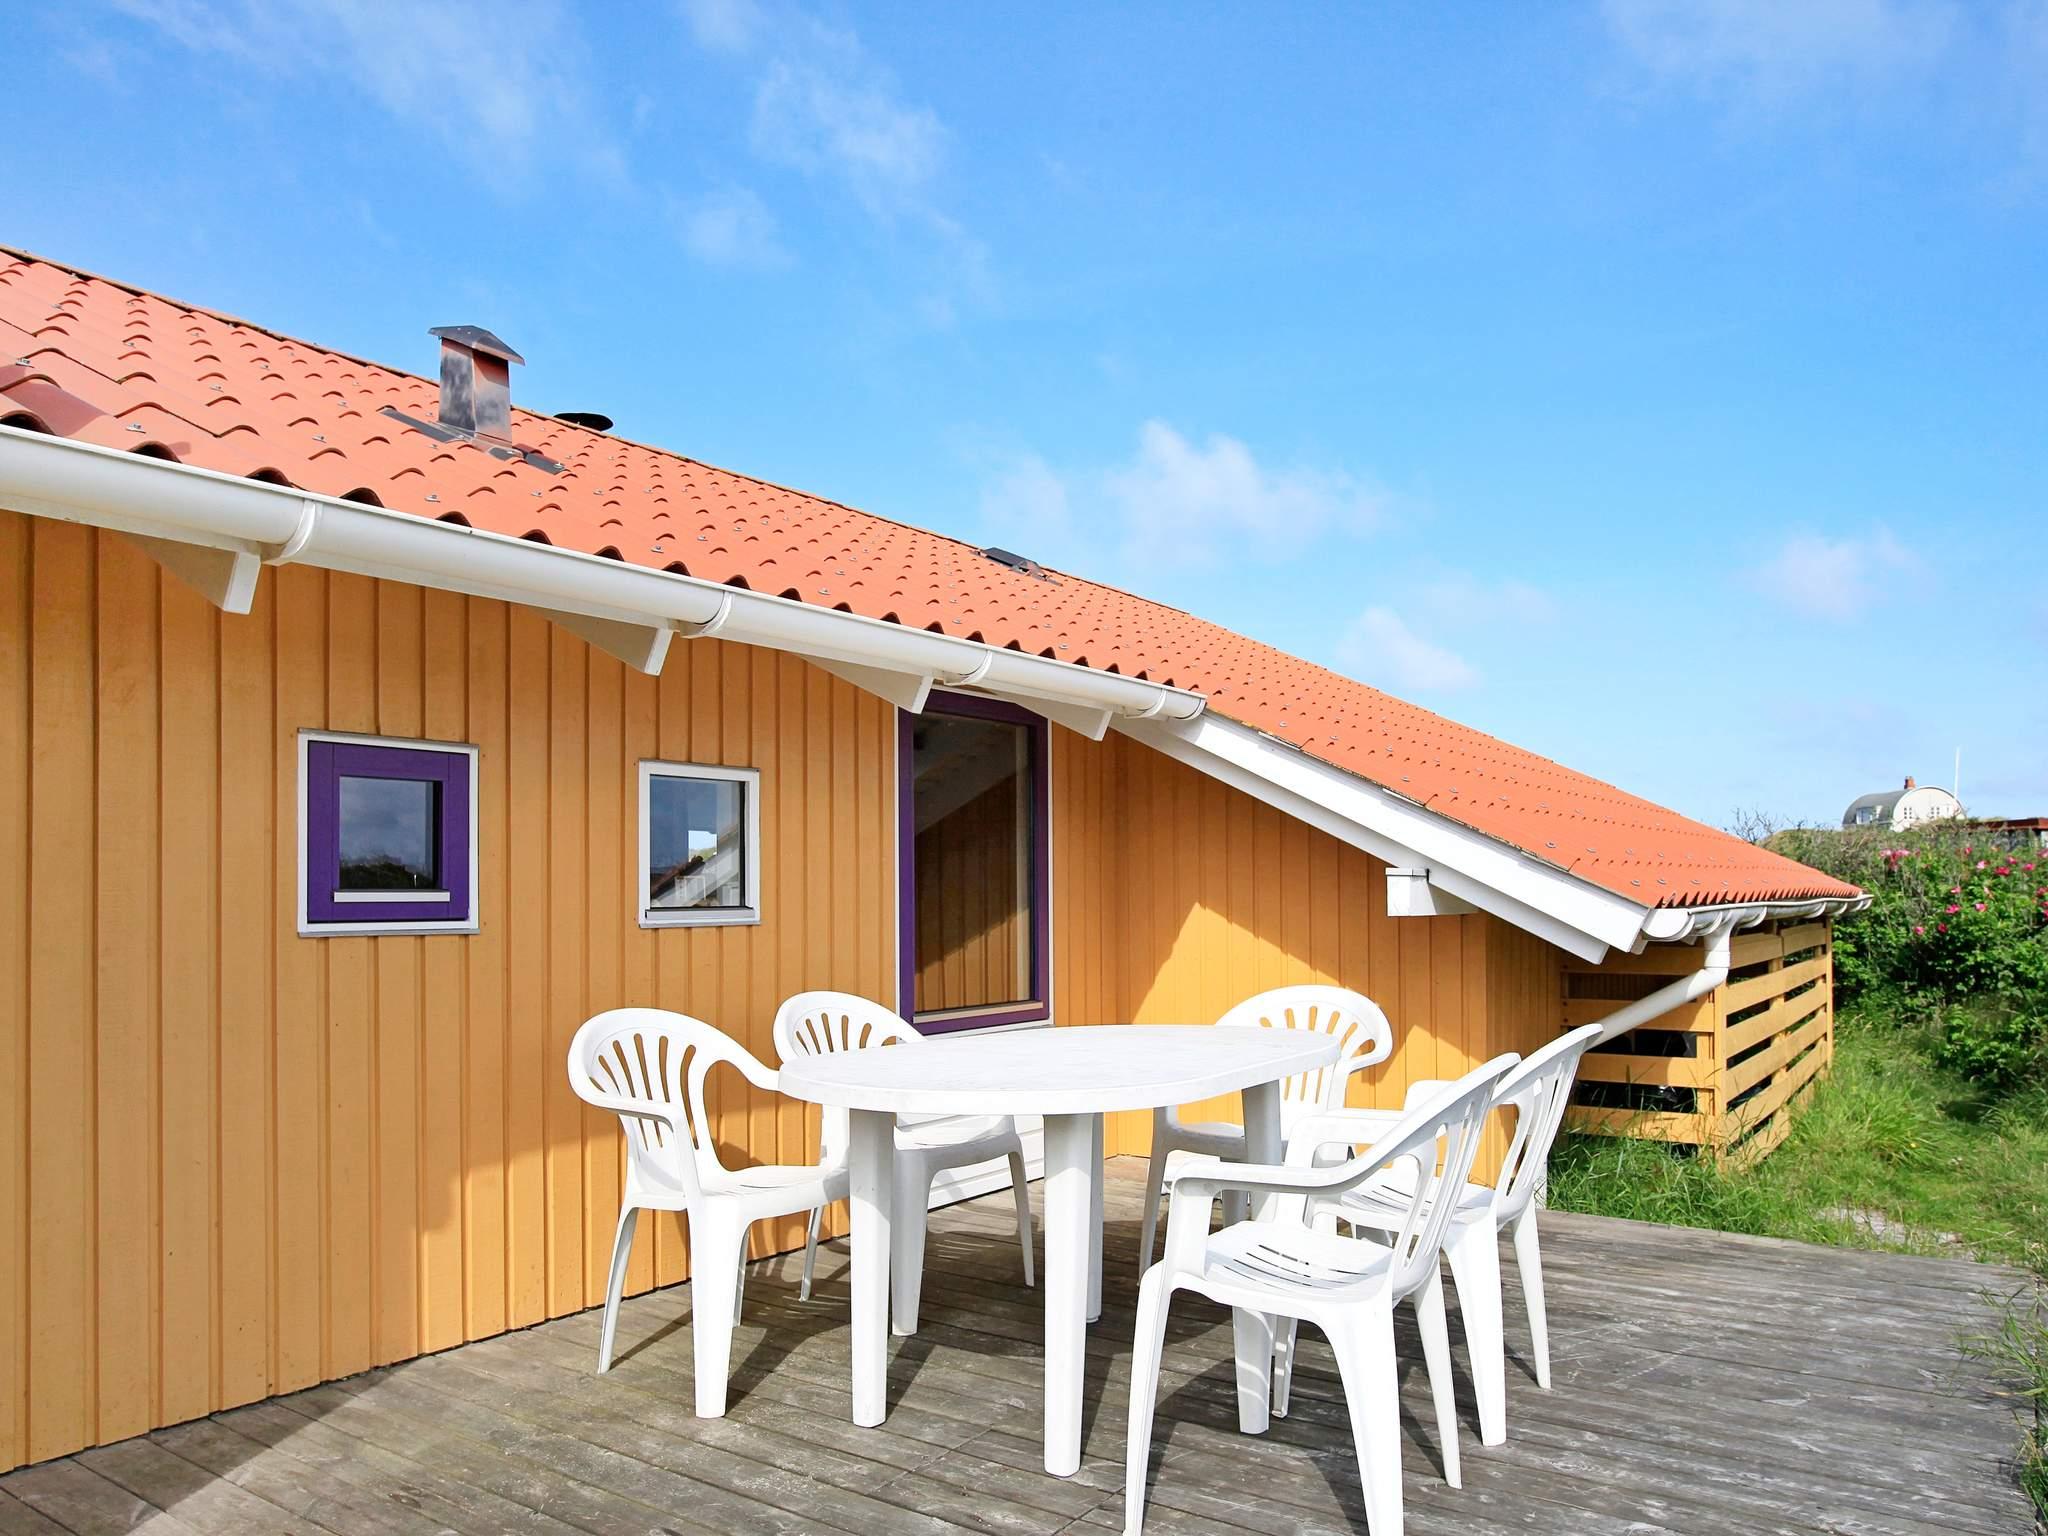 Ferienhaus Grærup (88338), Grærup, , Westjütland, Dänemark, Bild 20